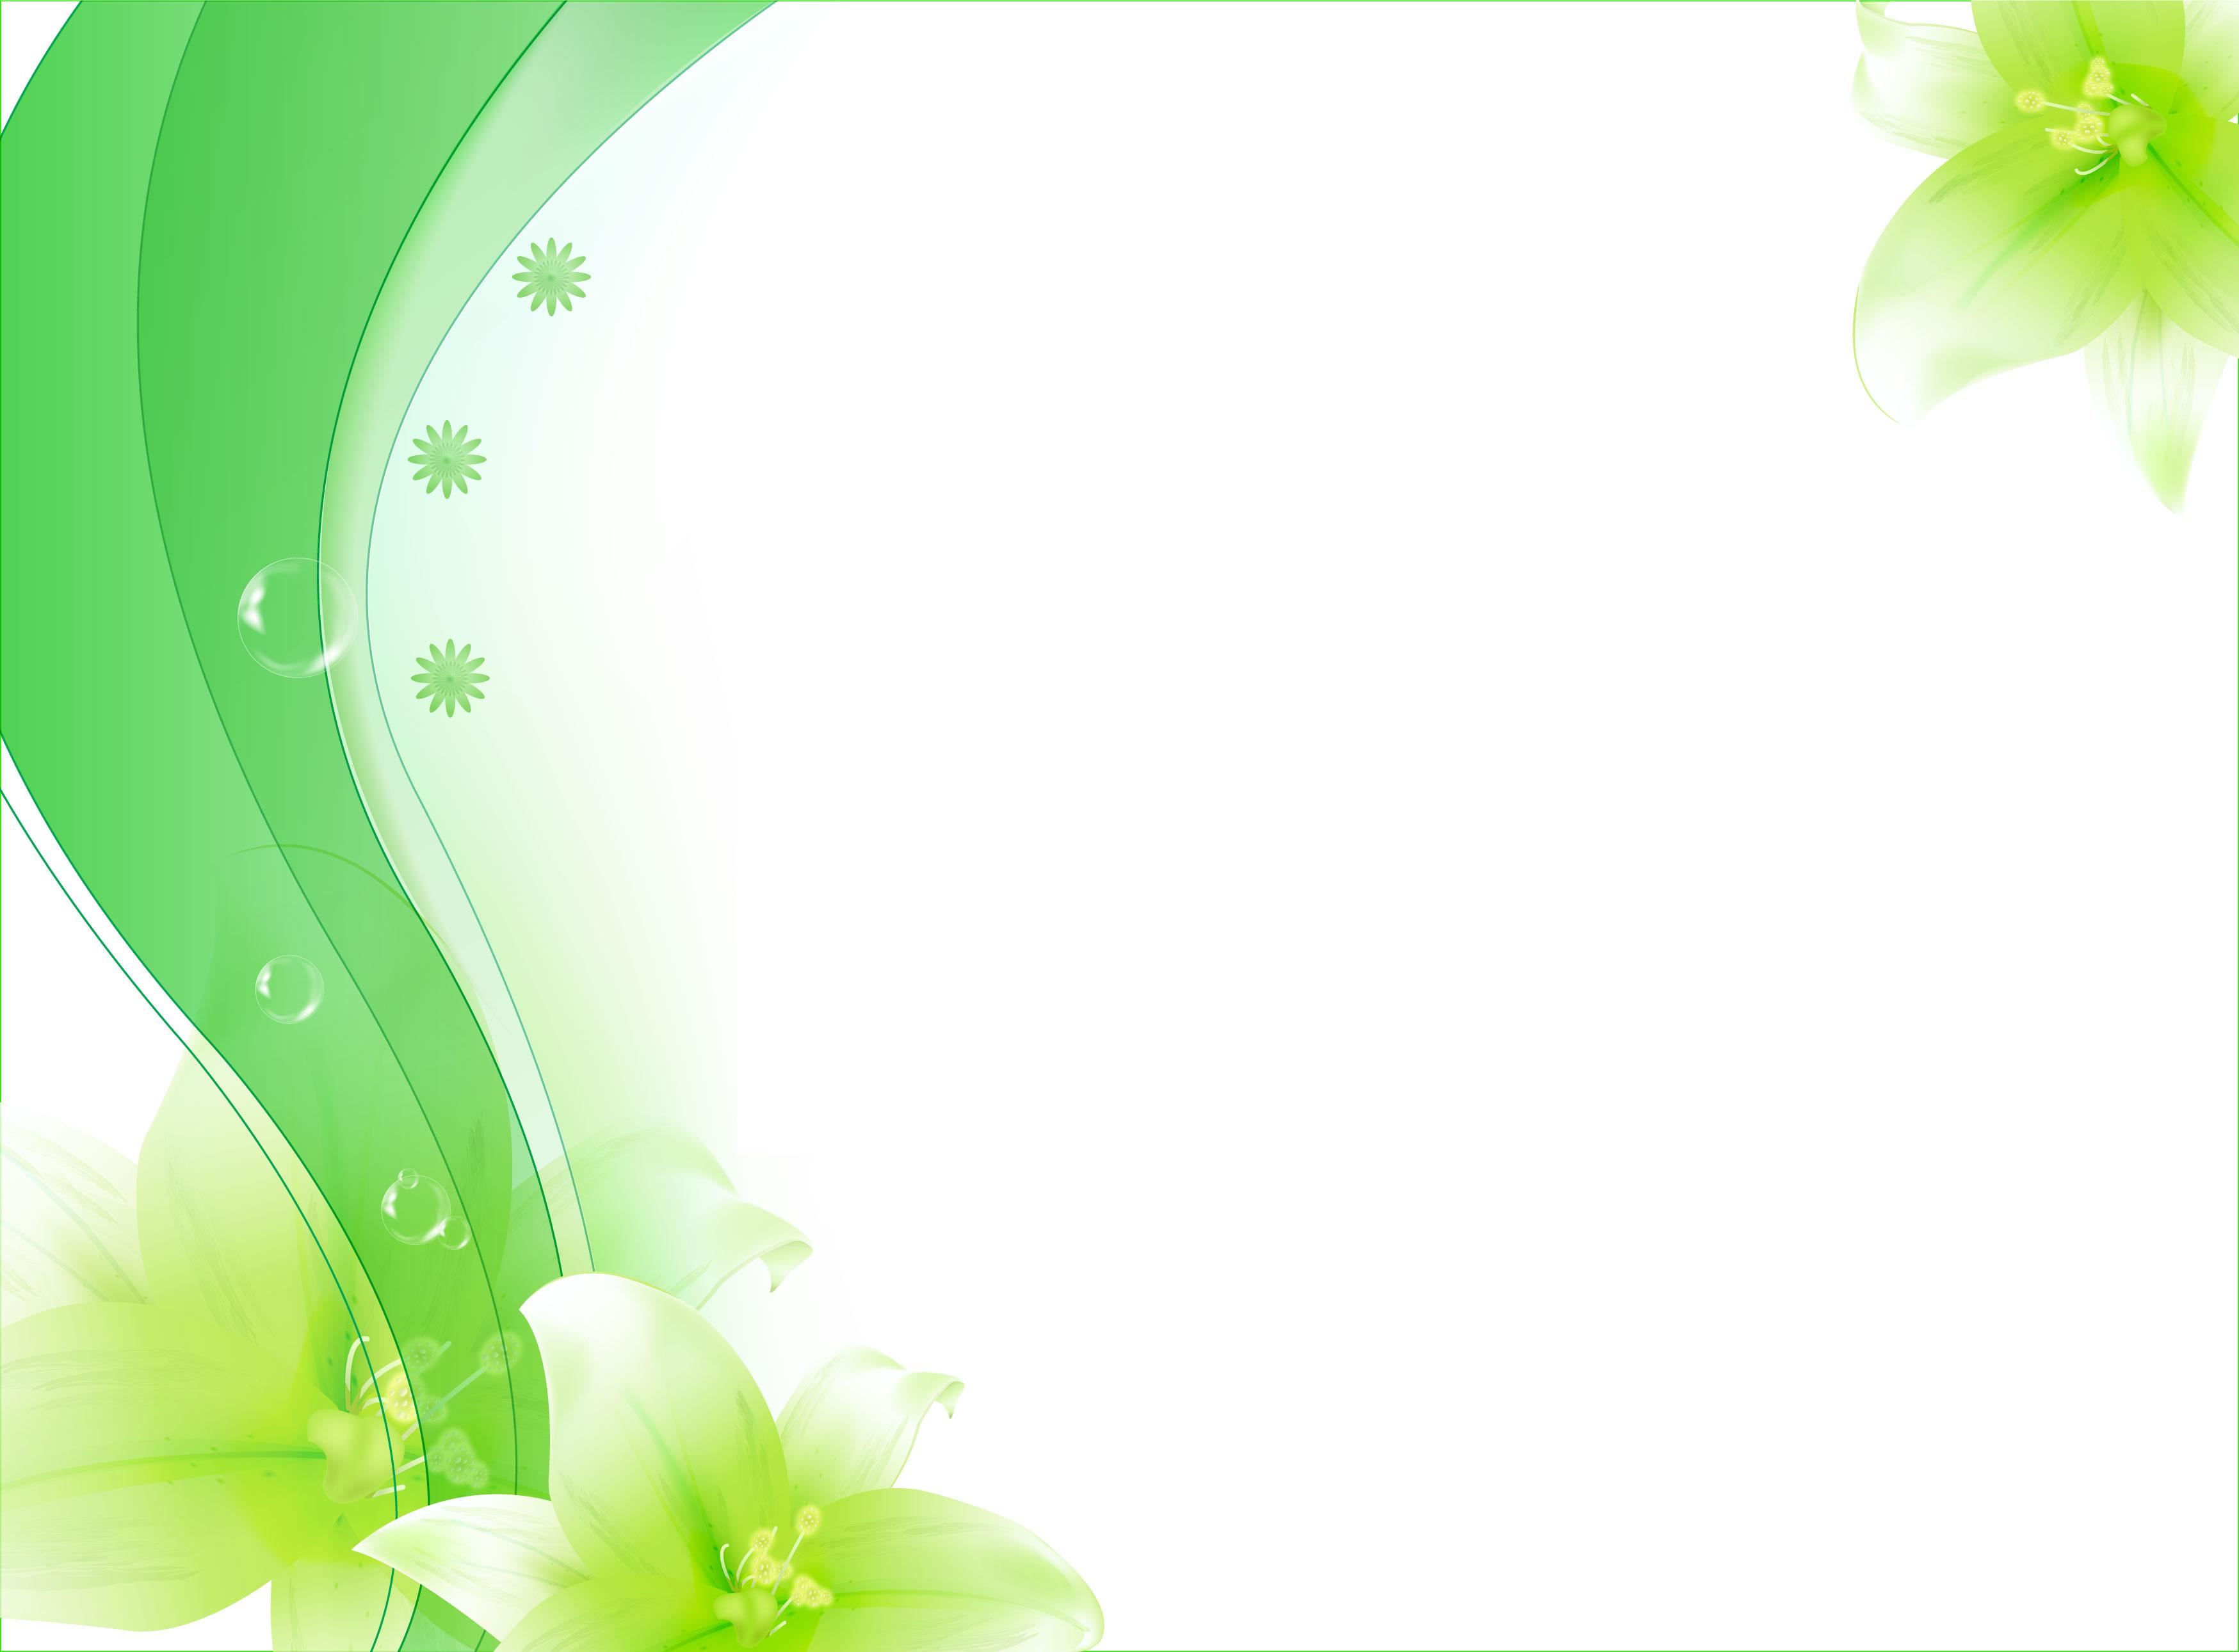 花のイラスト・フリー素材/壁紙・背景no.586『緑・ユリ・淡い』